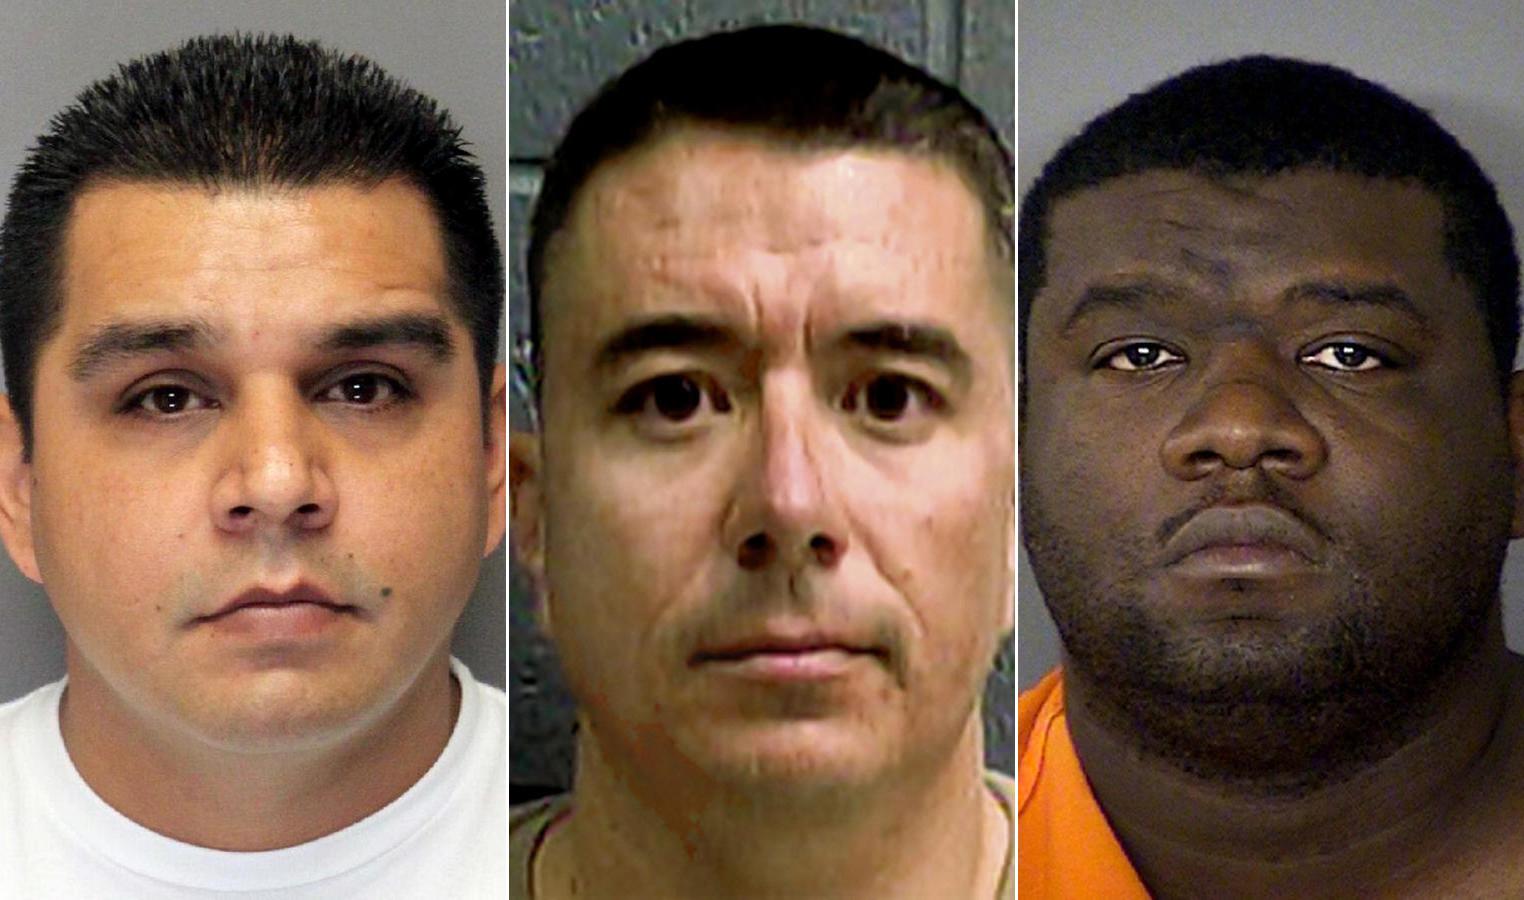 Polismän som förlorat sina jobb efter att ha dömts för sexualbrott. Foto: Polisen